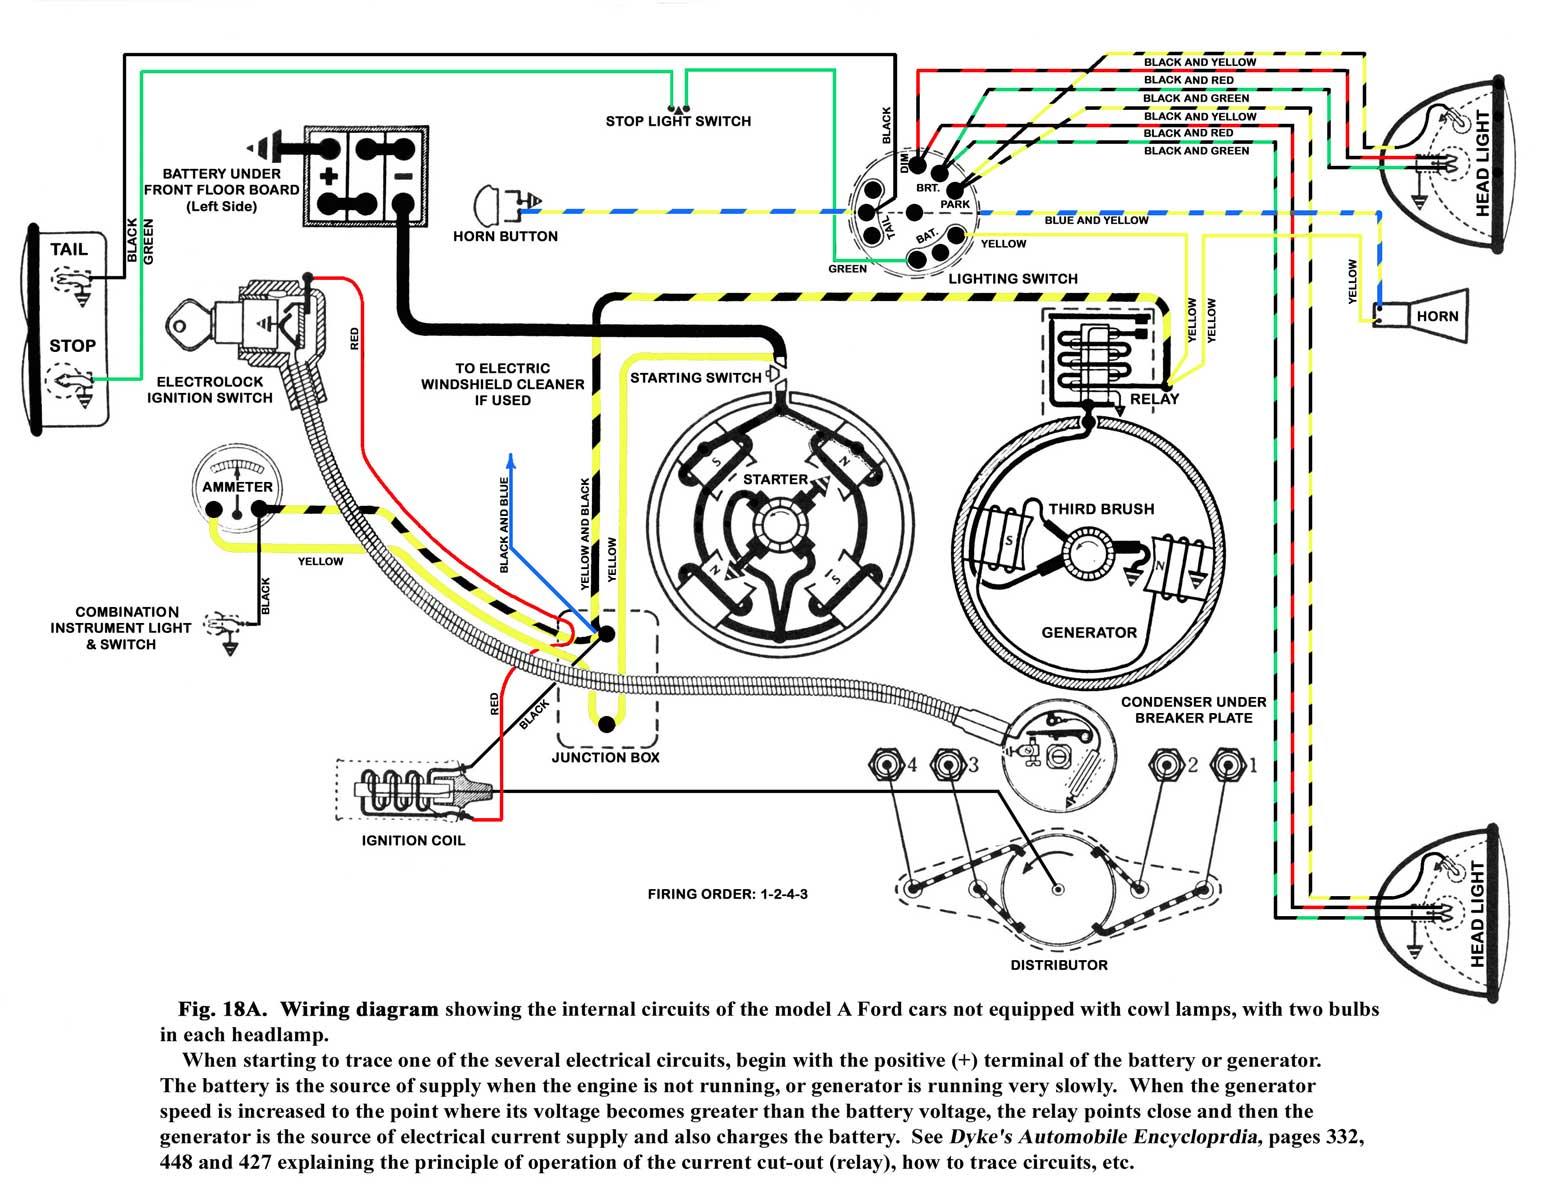 ford flathead 12 volt wiring schematic wiring diagramford f1 12 volt generator wiring diagram wiring diagram [ 1546 x 1195 Pixel ]